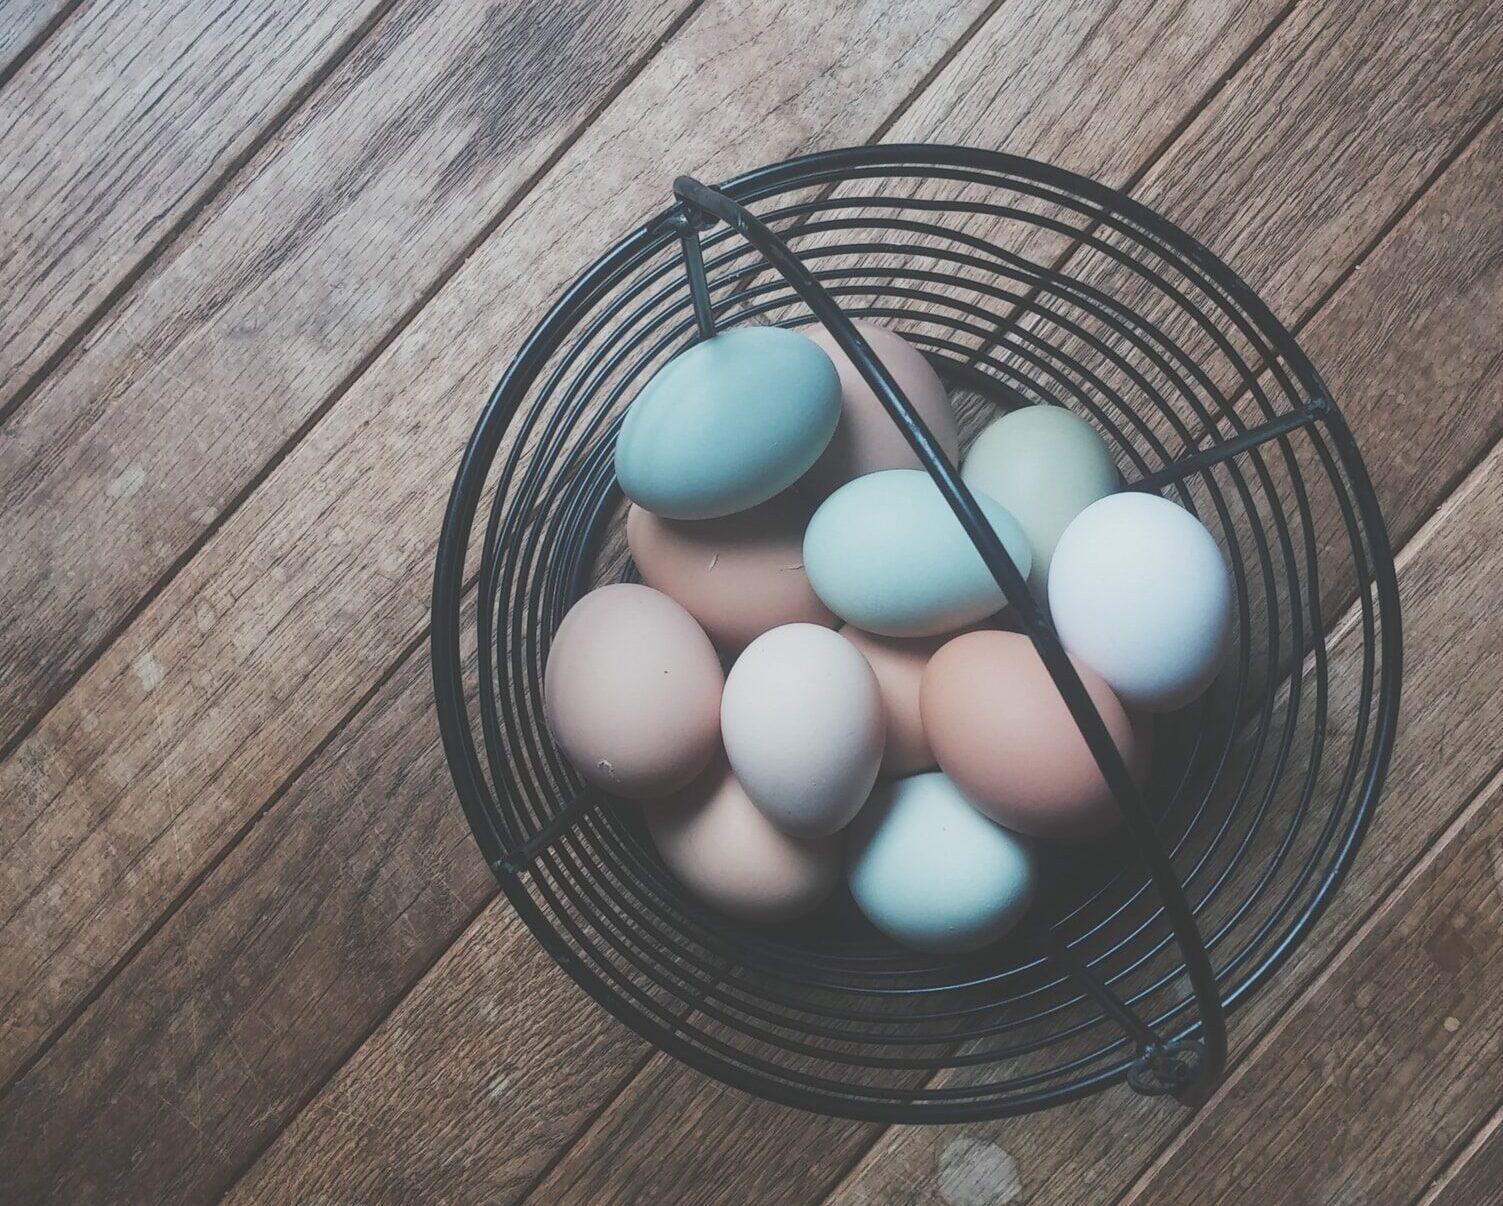 πασχαλινα αυγά για διακόσμηση σπιτιού